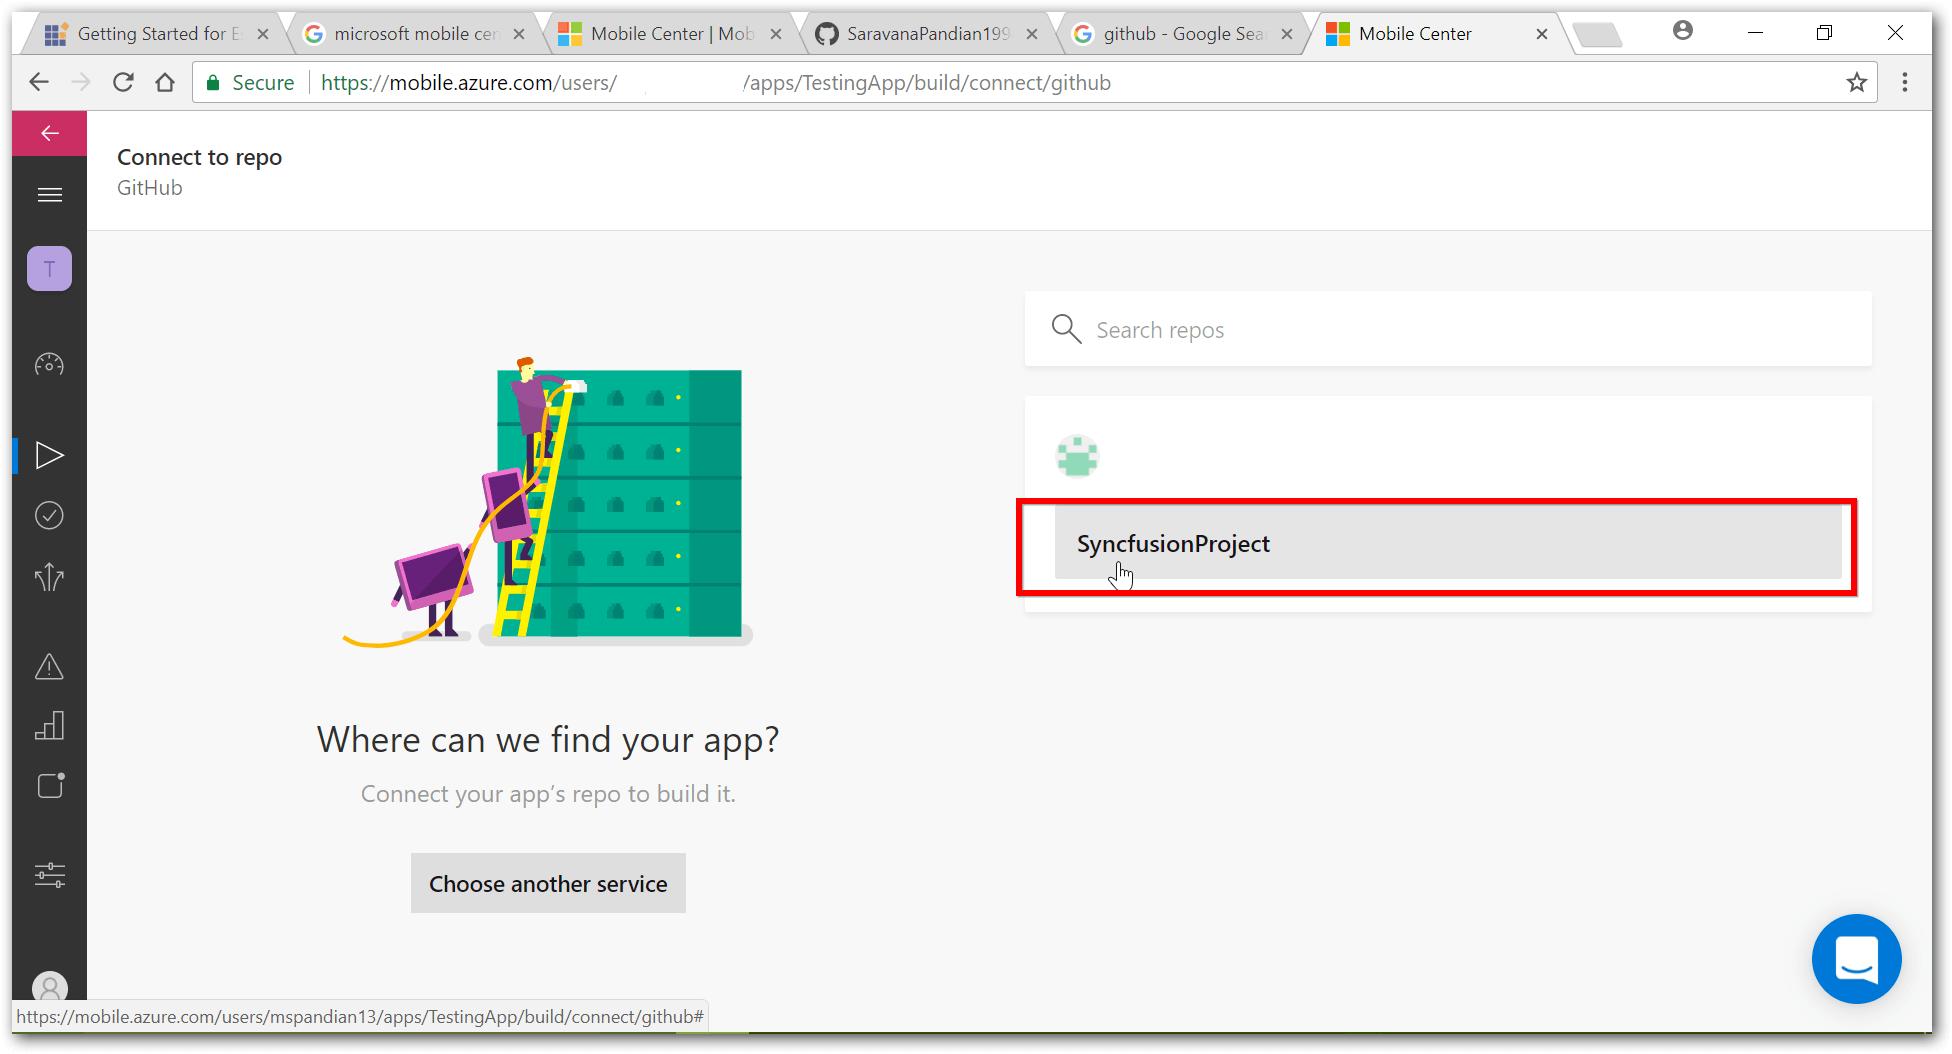 C:\Users\saravanapandian.muru\AppData\Local\Microsoft\Windows\INetCache\Content.Word\sshot-5.png